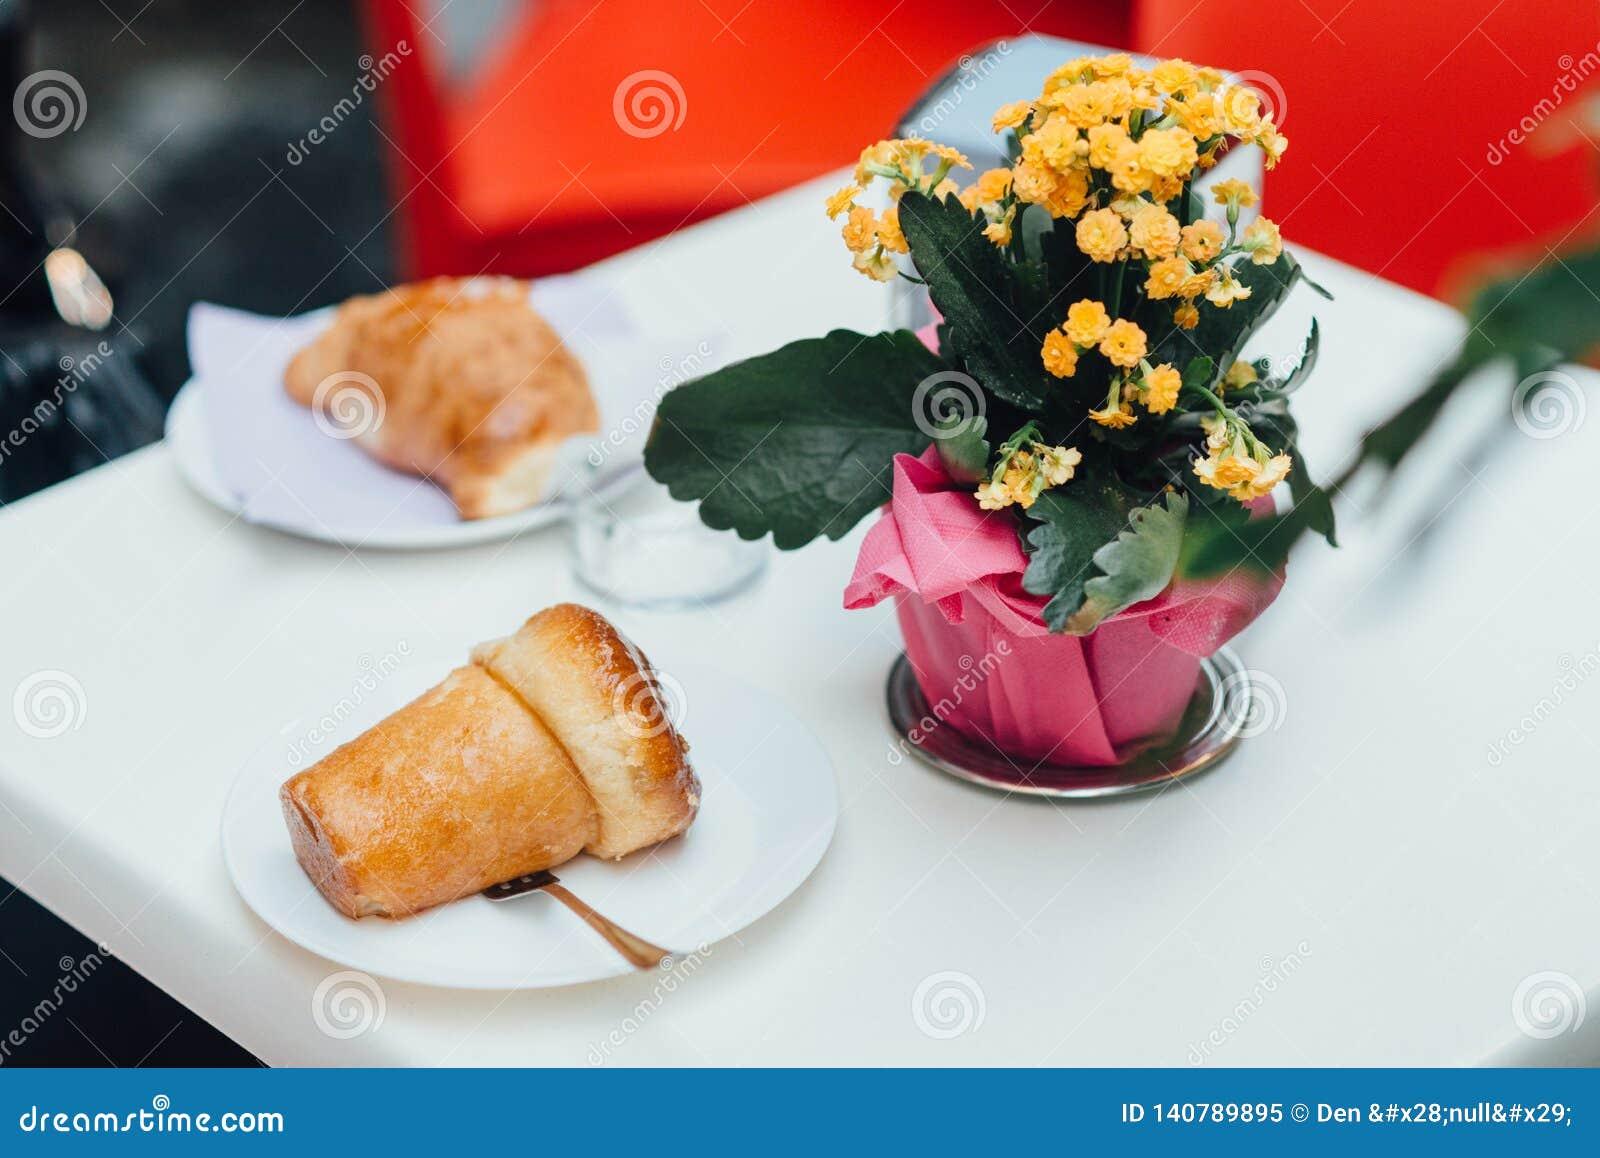 Rumkuchen auf dem Tisch